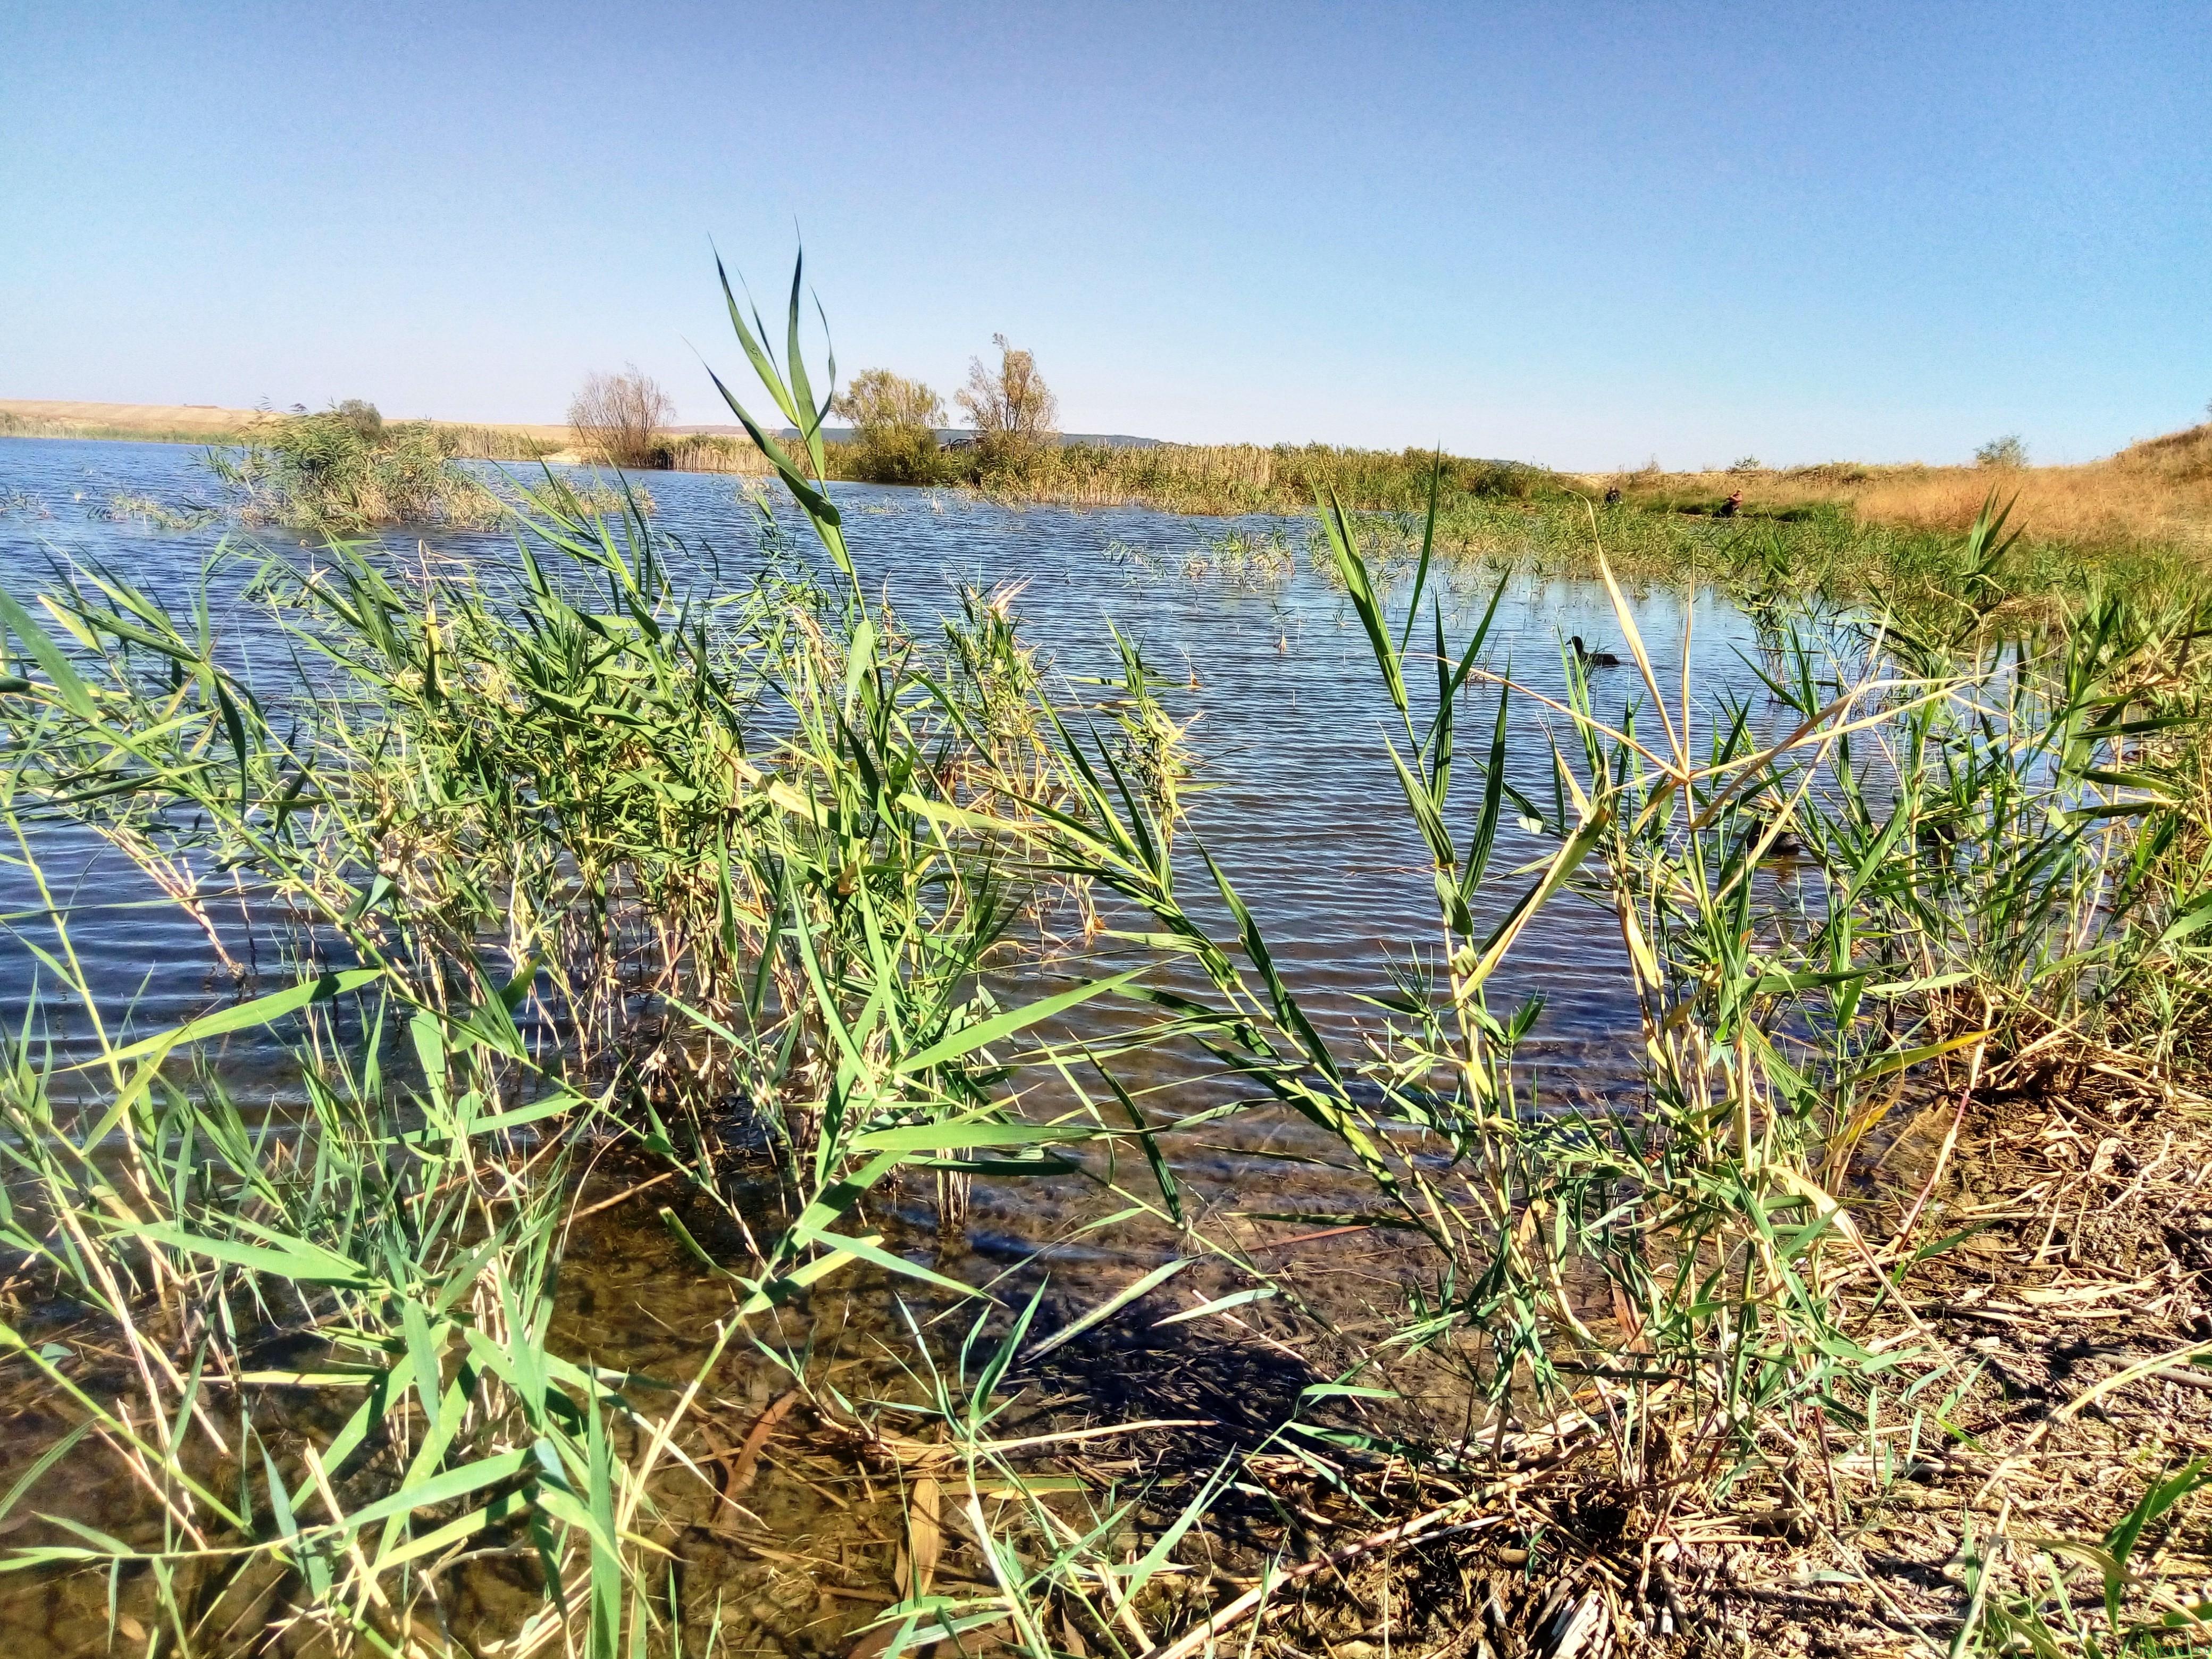 Карасевый пруд: реальная рыбалка фото заметка из моей реальности в Крыму jokya.ru